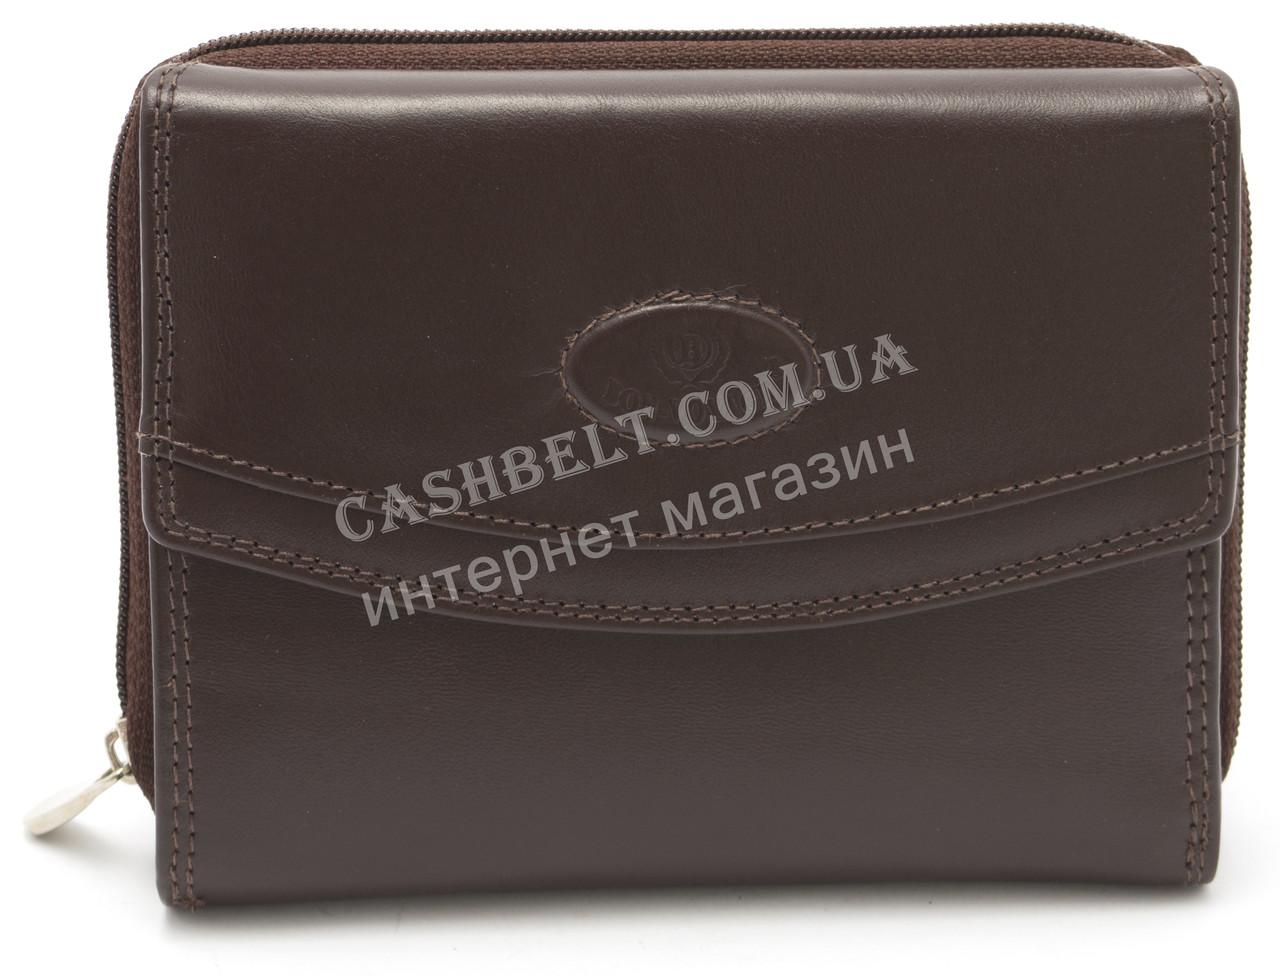 Супер стильный практичный кожаный мужской кошелек Bon-Voyage art. ASL55670 коричневого цвета